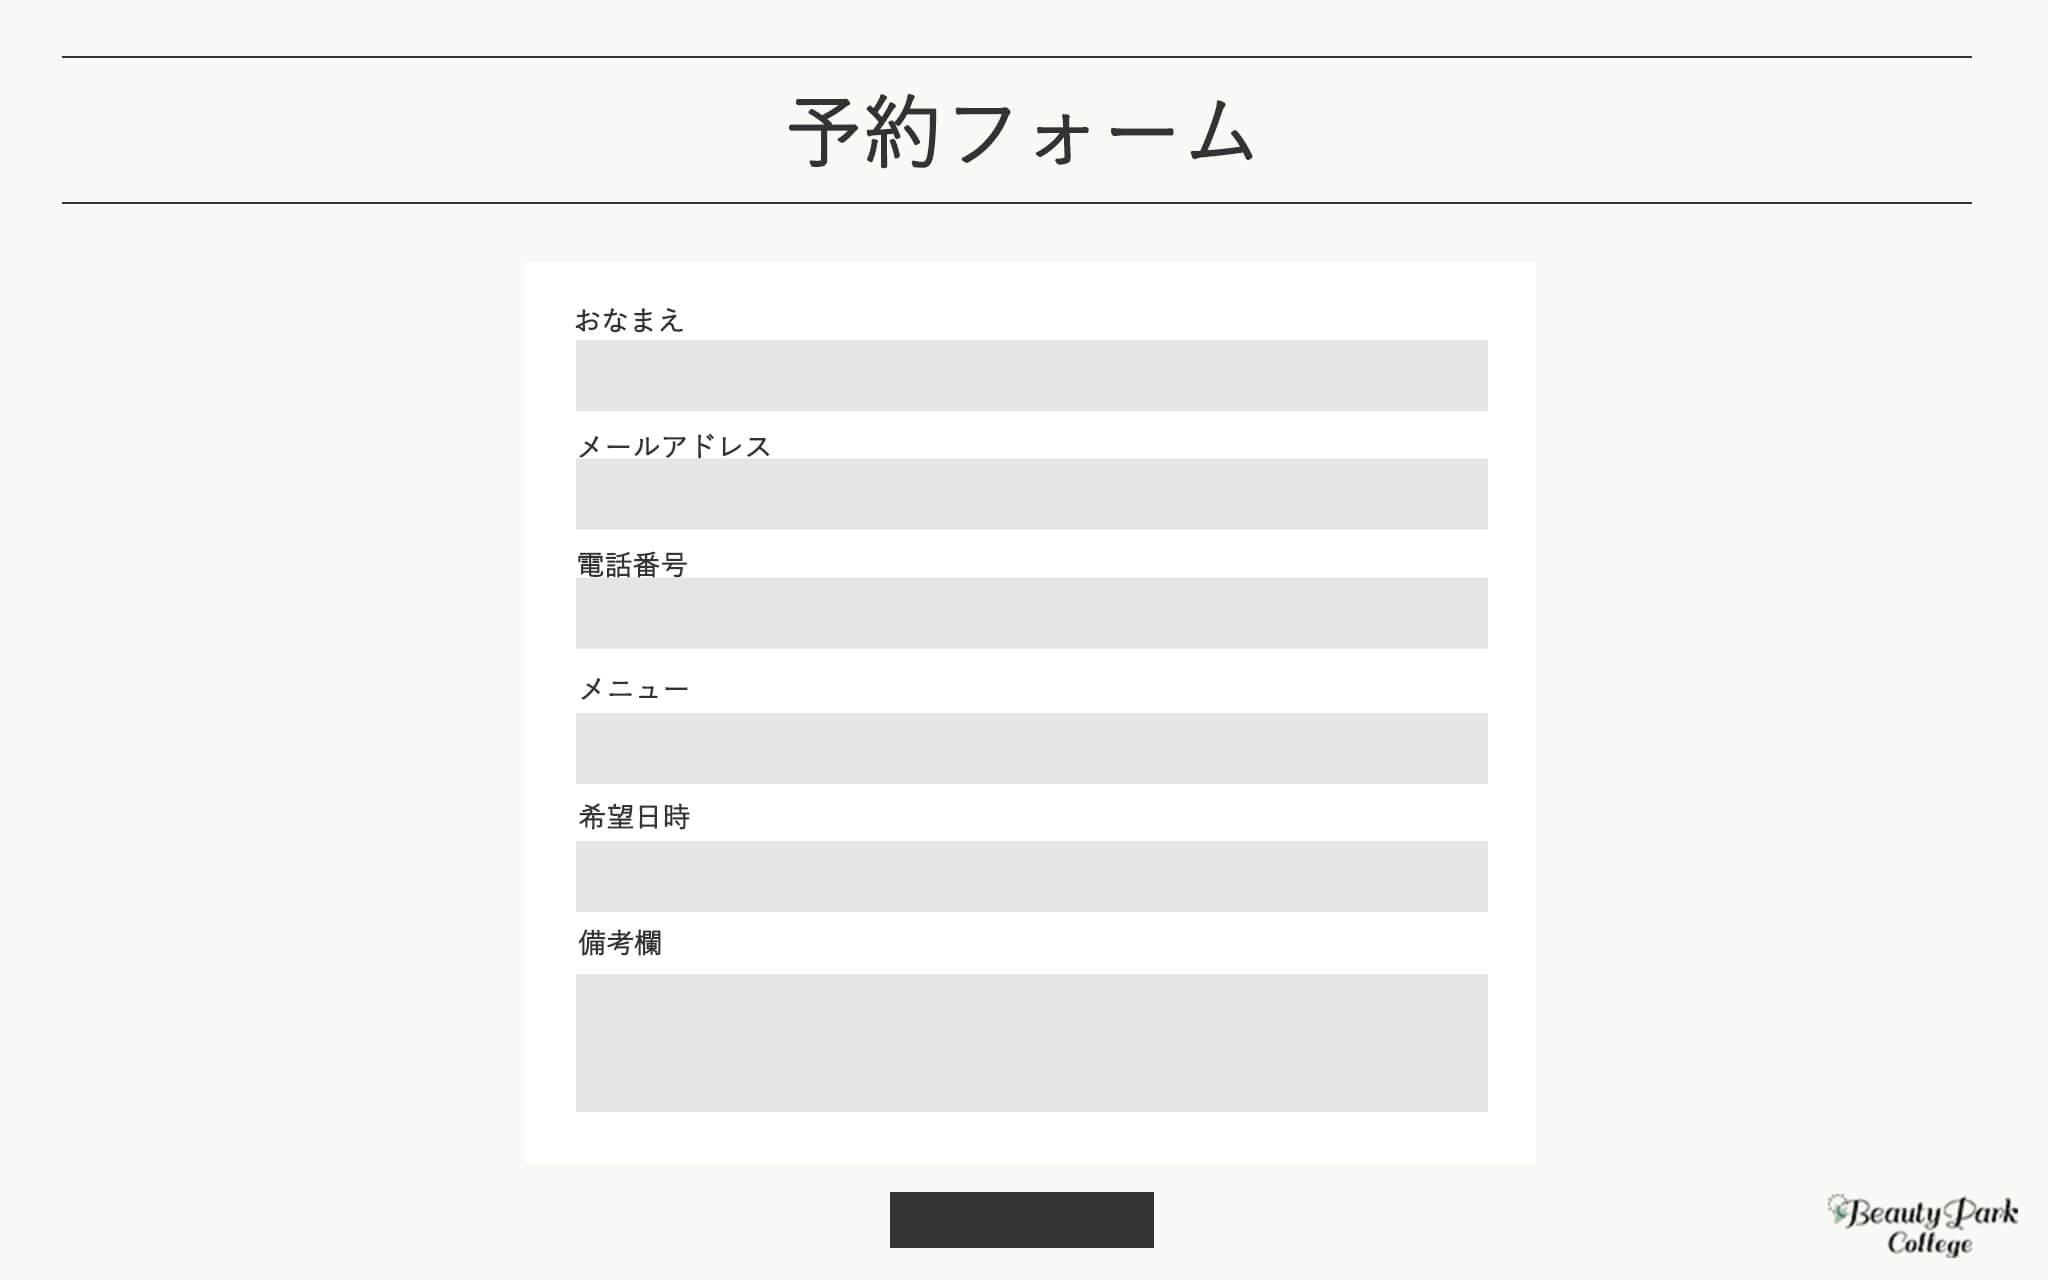 予約フォームのイメージ